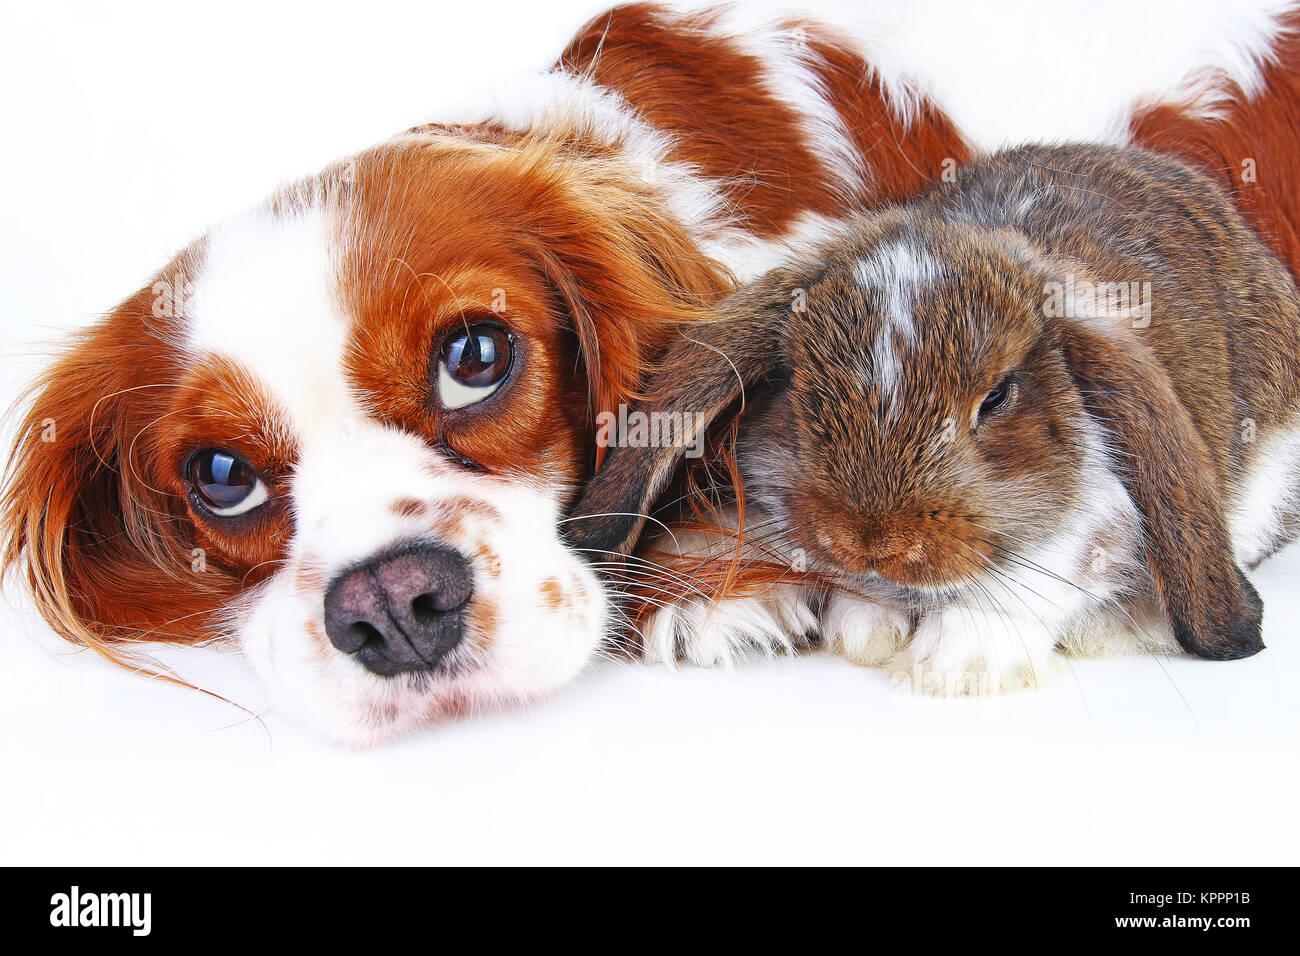 Amigos de los animales. Verdaderos amigos de pet. Perro CONEJO conejo lop animales juntos sobre fondo blanco aisladas Imagen De Stock